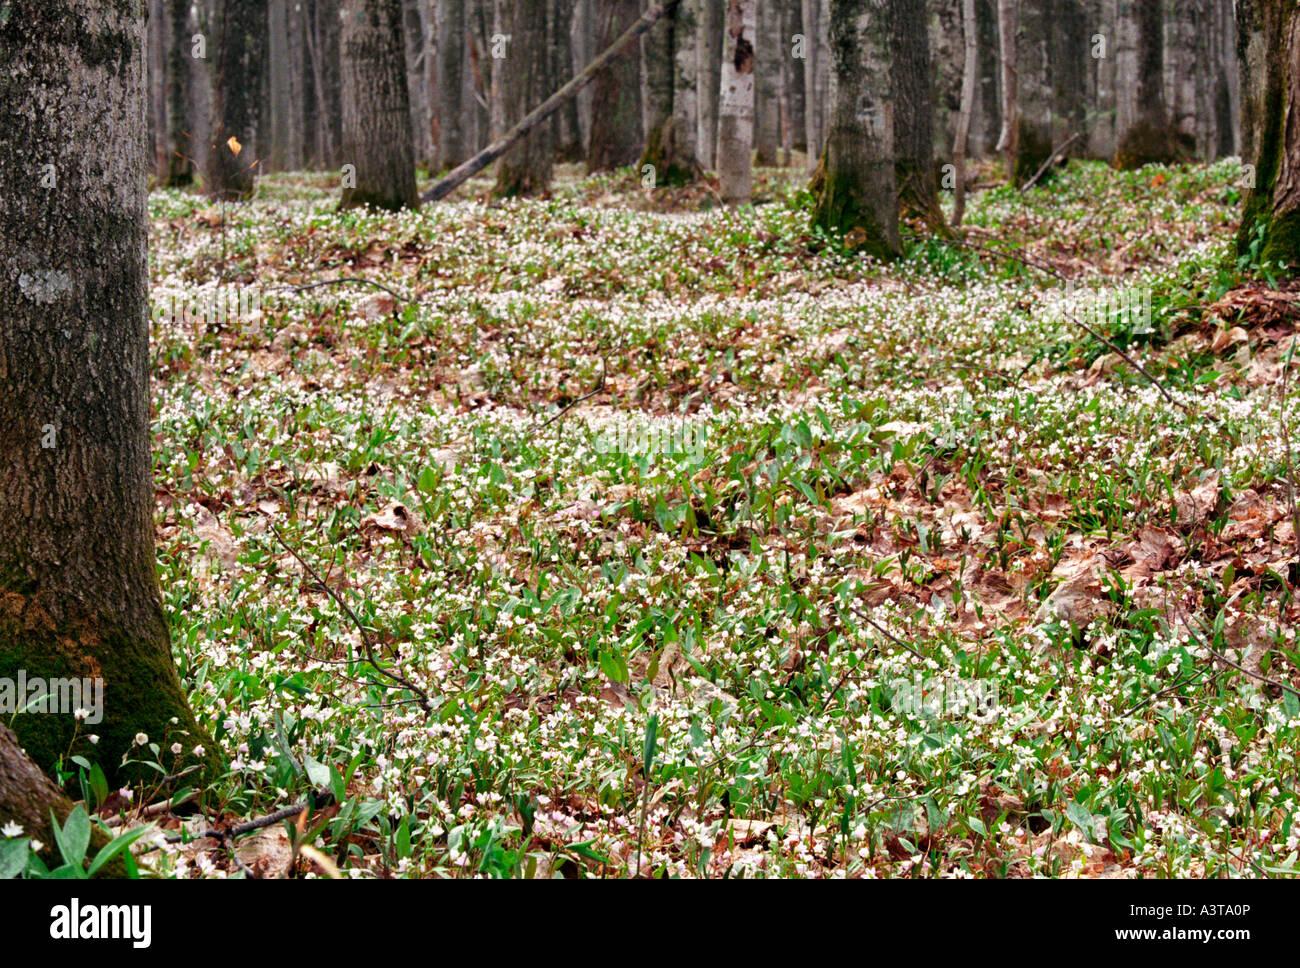 Flores silvestres de primavera UNA MANTA EN EL SUELO DEL BOSQUE RIENDO WHITEFISH Falls State sitio panorámico cerca Foto de stock